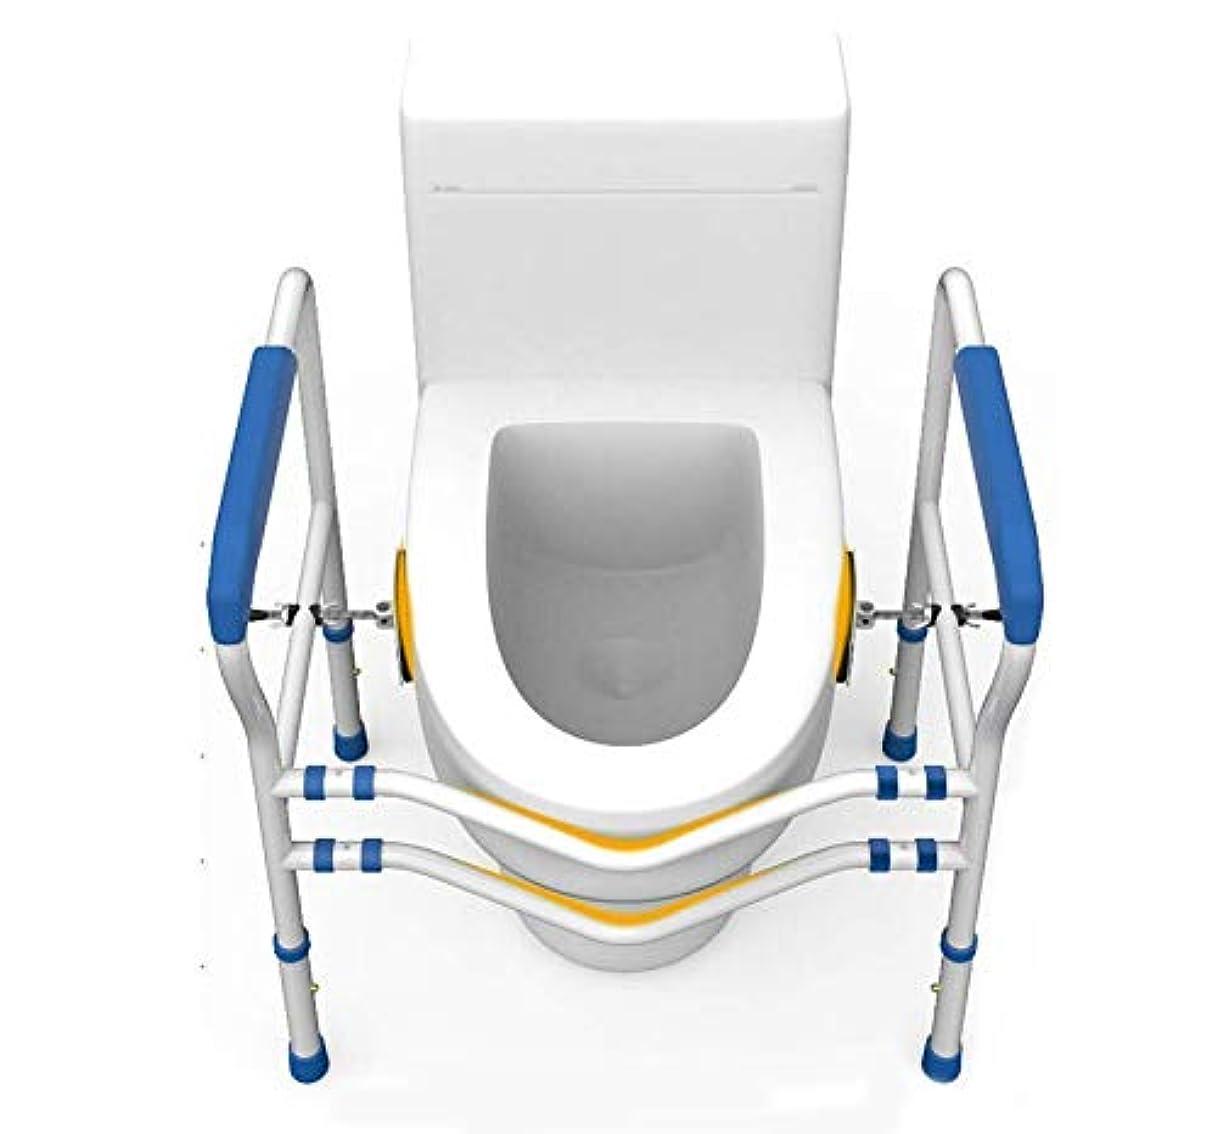 湿原台風バングラデシュトイレ用手すり 手すり 介護 トイレ用アーム 立ち上がり補助 6段階高さ調節可能 トイレ用手すり 組み立て簡単 立ち上がり リハビリ 高齢者介護 補助 サポート 滑り止め 補助手すり